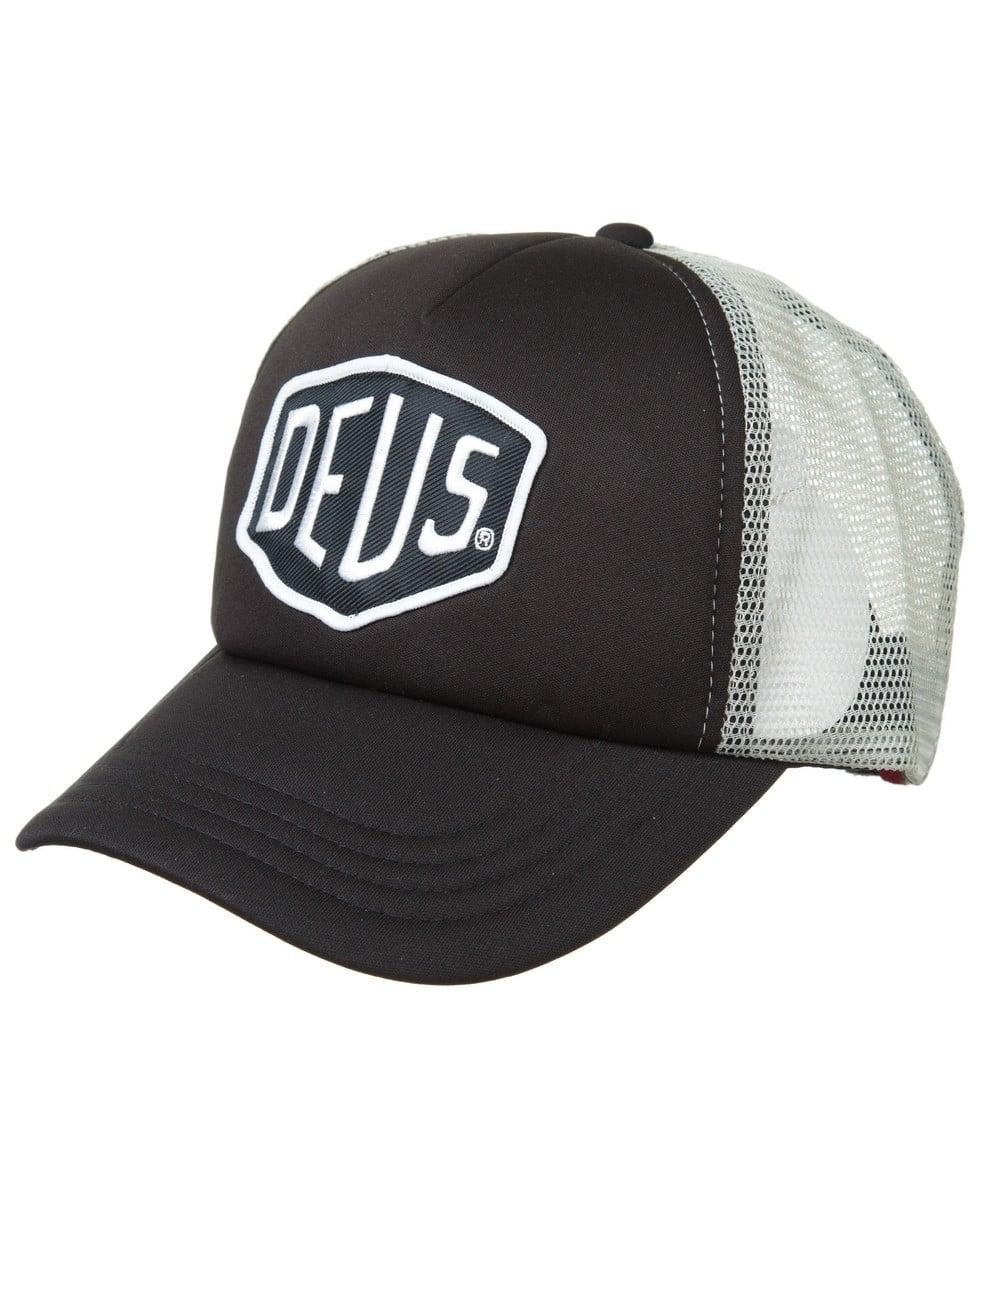 Deus Ex Machina Baylands Trucker Hat - Black Grey - Hat Shop from ... 268927ad1f6